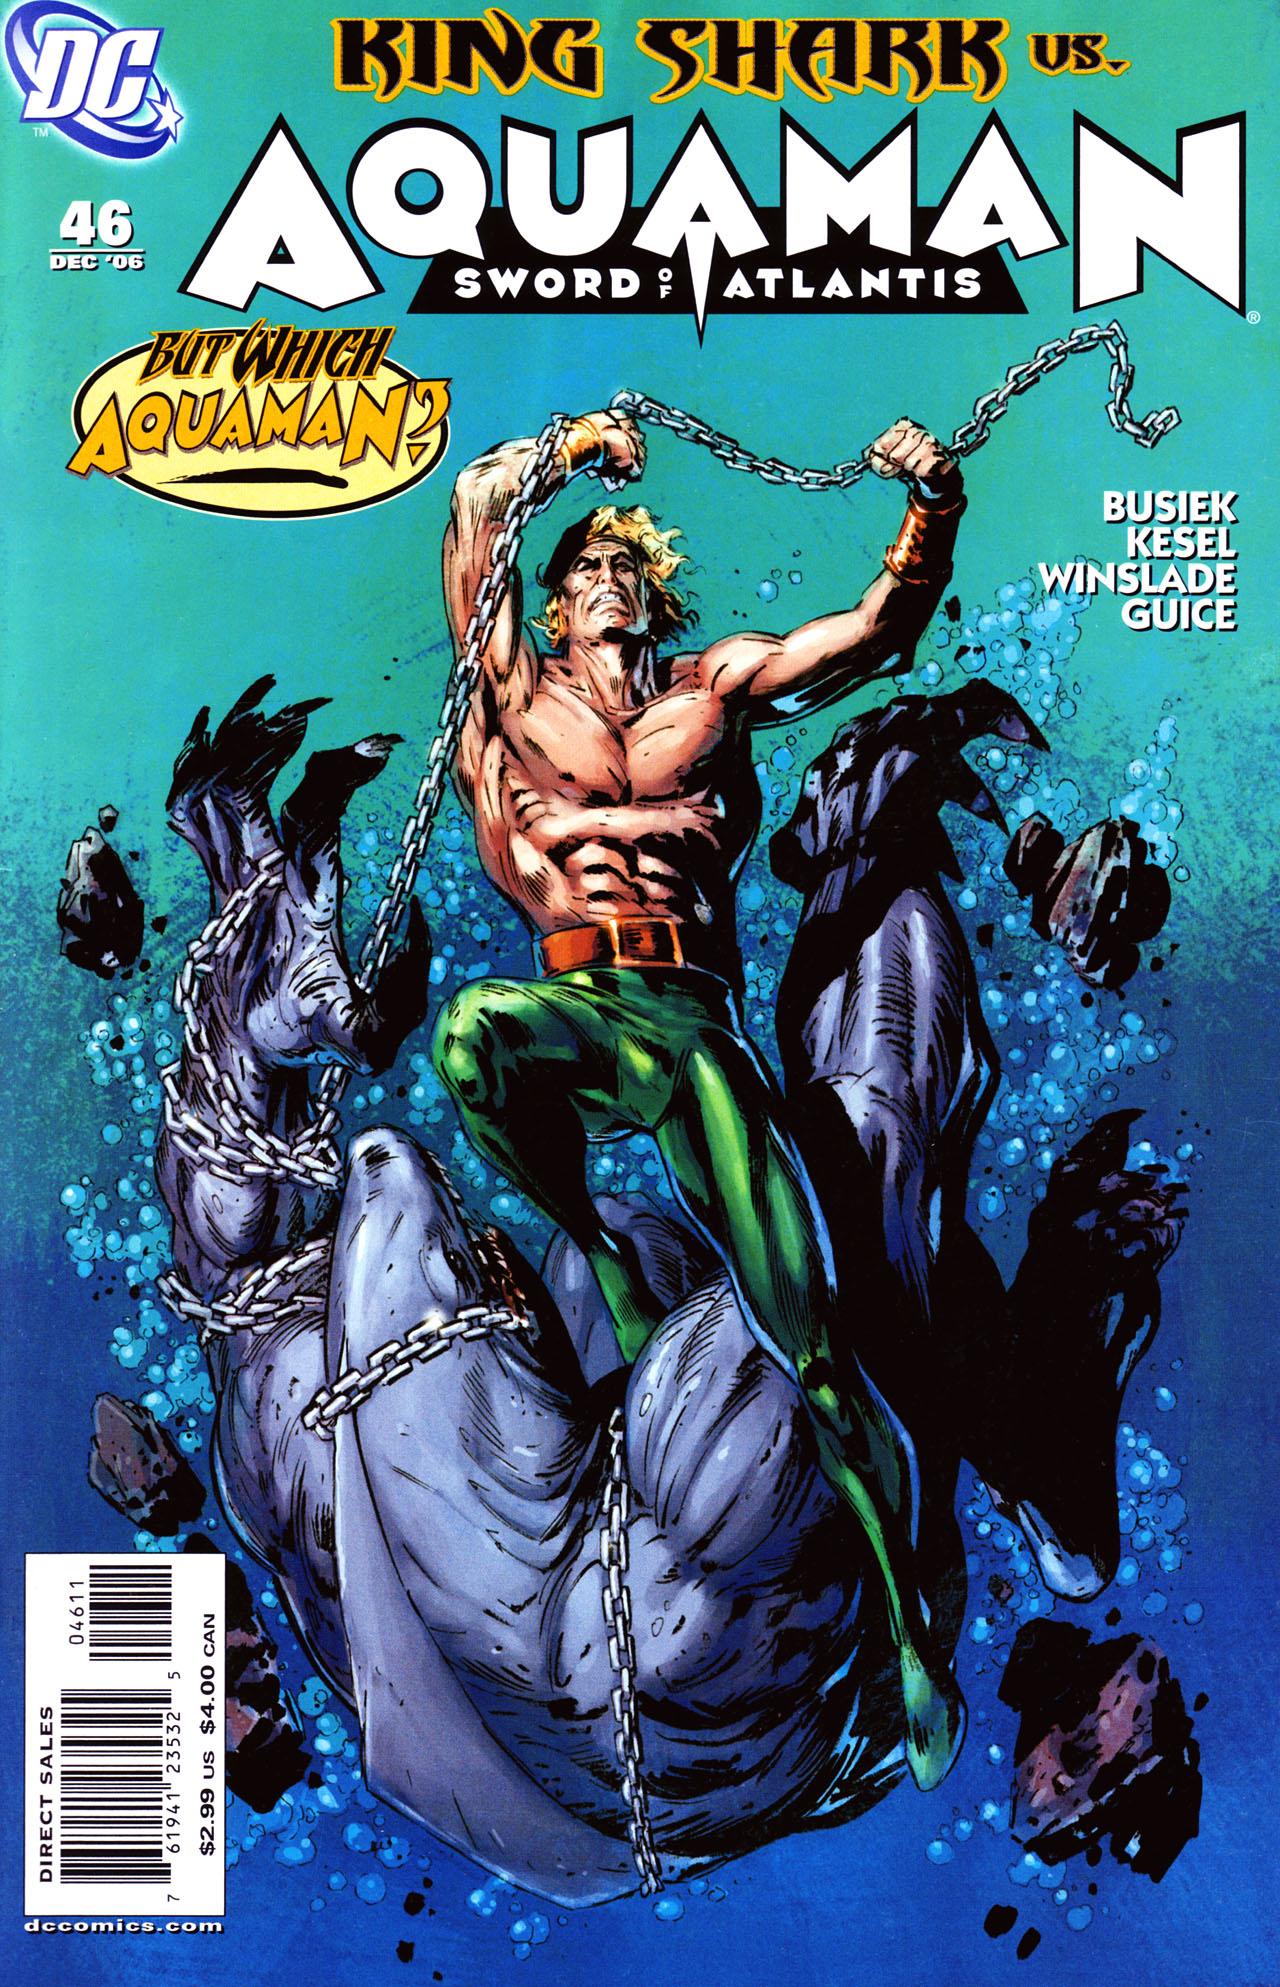 Read online Aquaman: Sword of Atlantis comic -  Issue #46 - 1